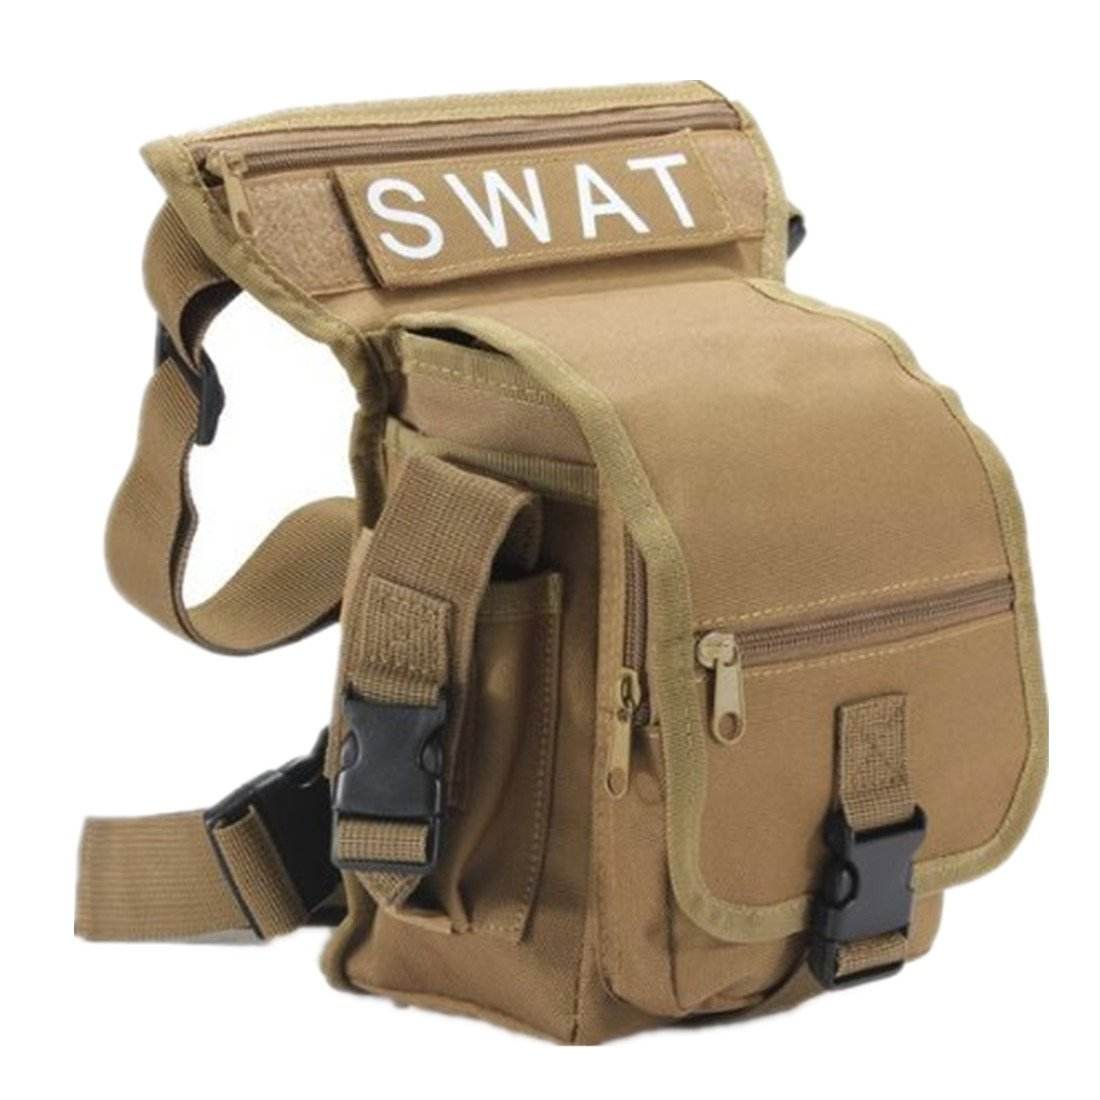 Prix pour Multifonction ceinture pack porte cuisse jambe poche taille vélo camping sac Randonnée Sport de montagne chasse airsoft bataille (kaki)